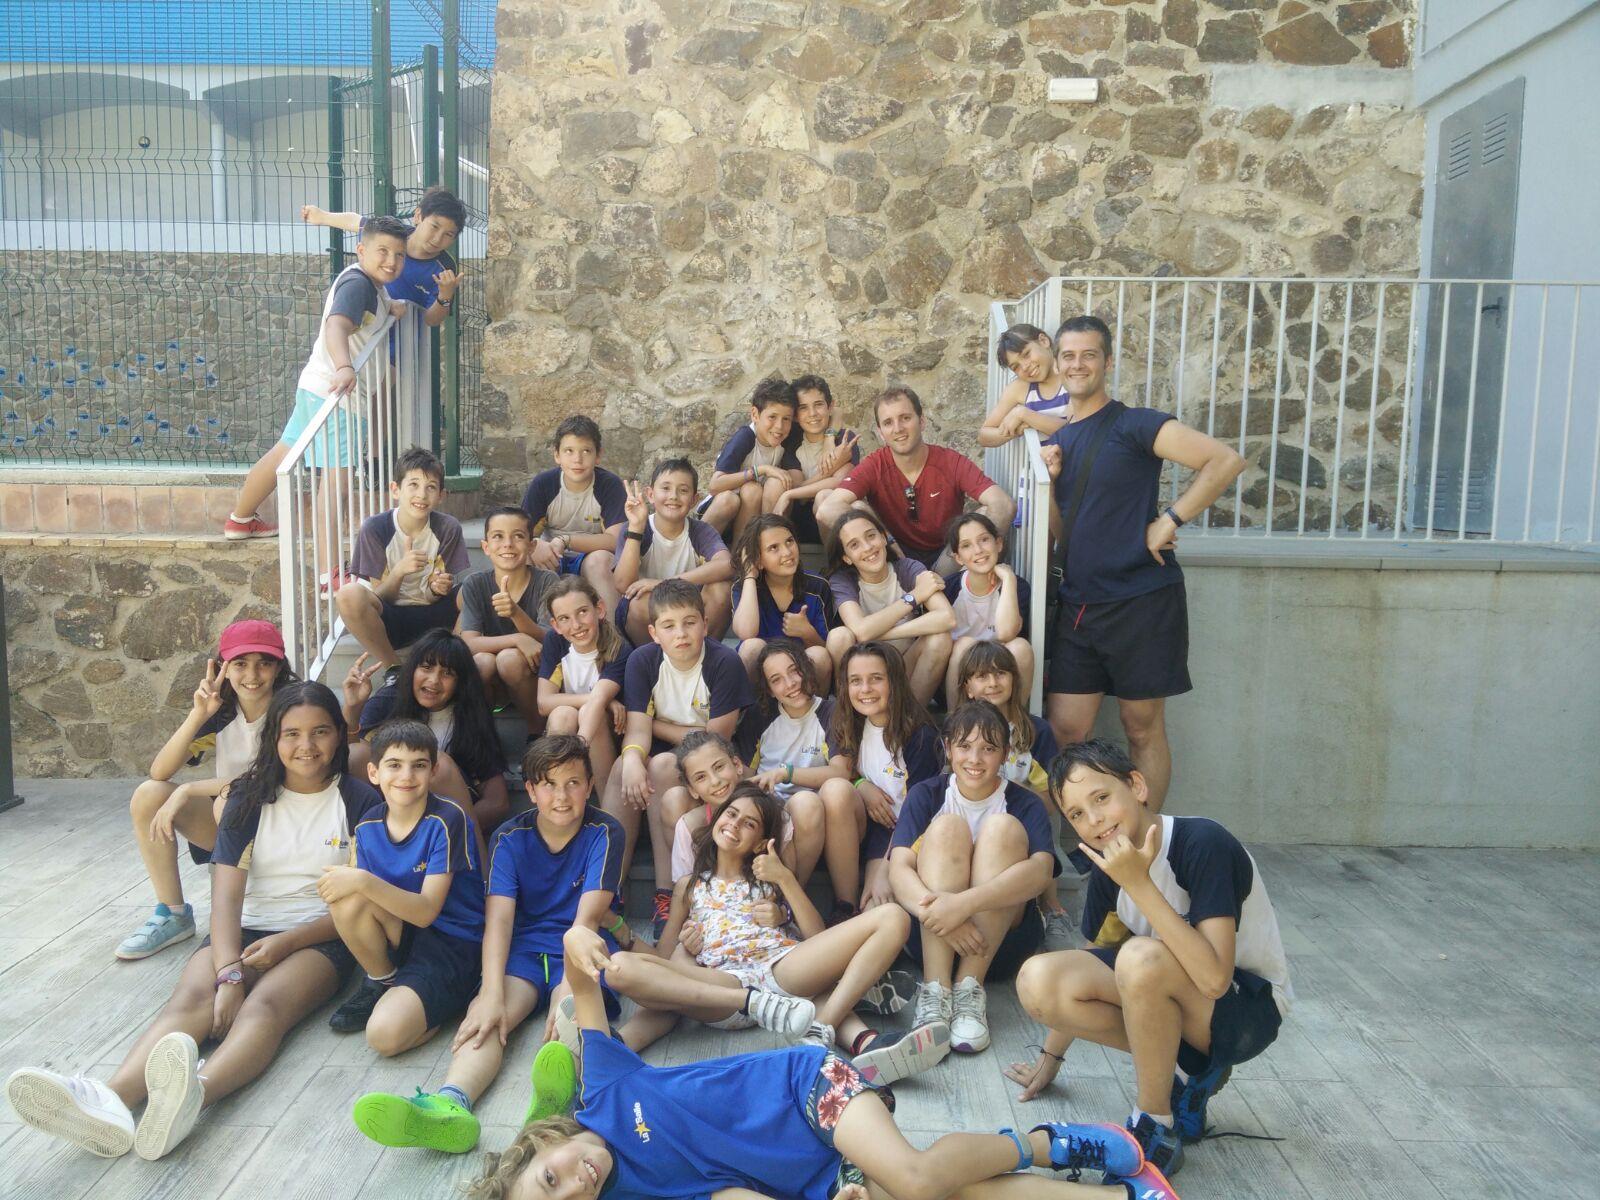 L'alumnat de 5è de Primària viu unes colònies escolars d'aventura a Llafranc, Girona